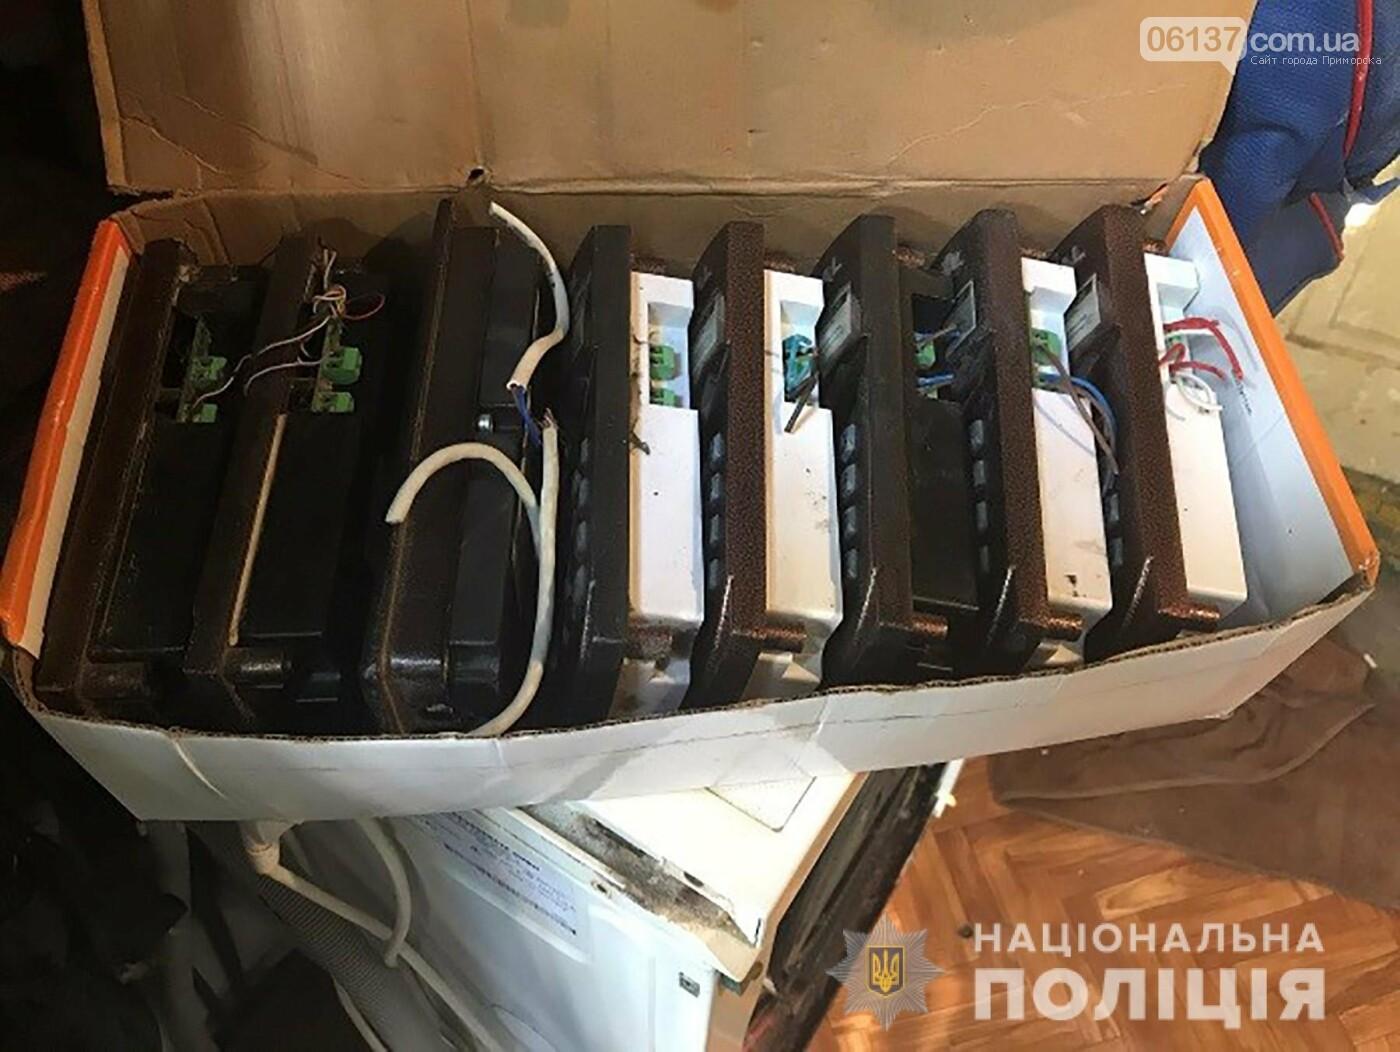 Запорожанка демонтировала домофоны в городских многоэтажках. Фото, фото-3